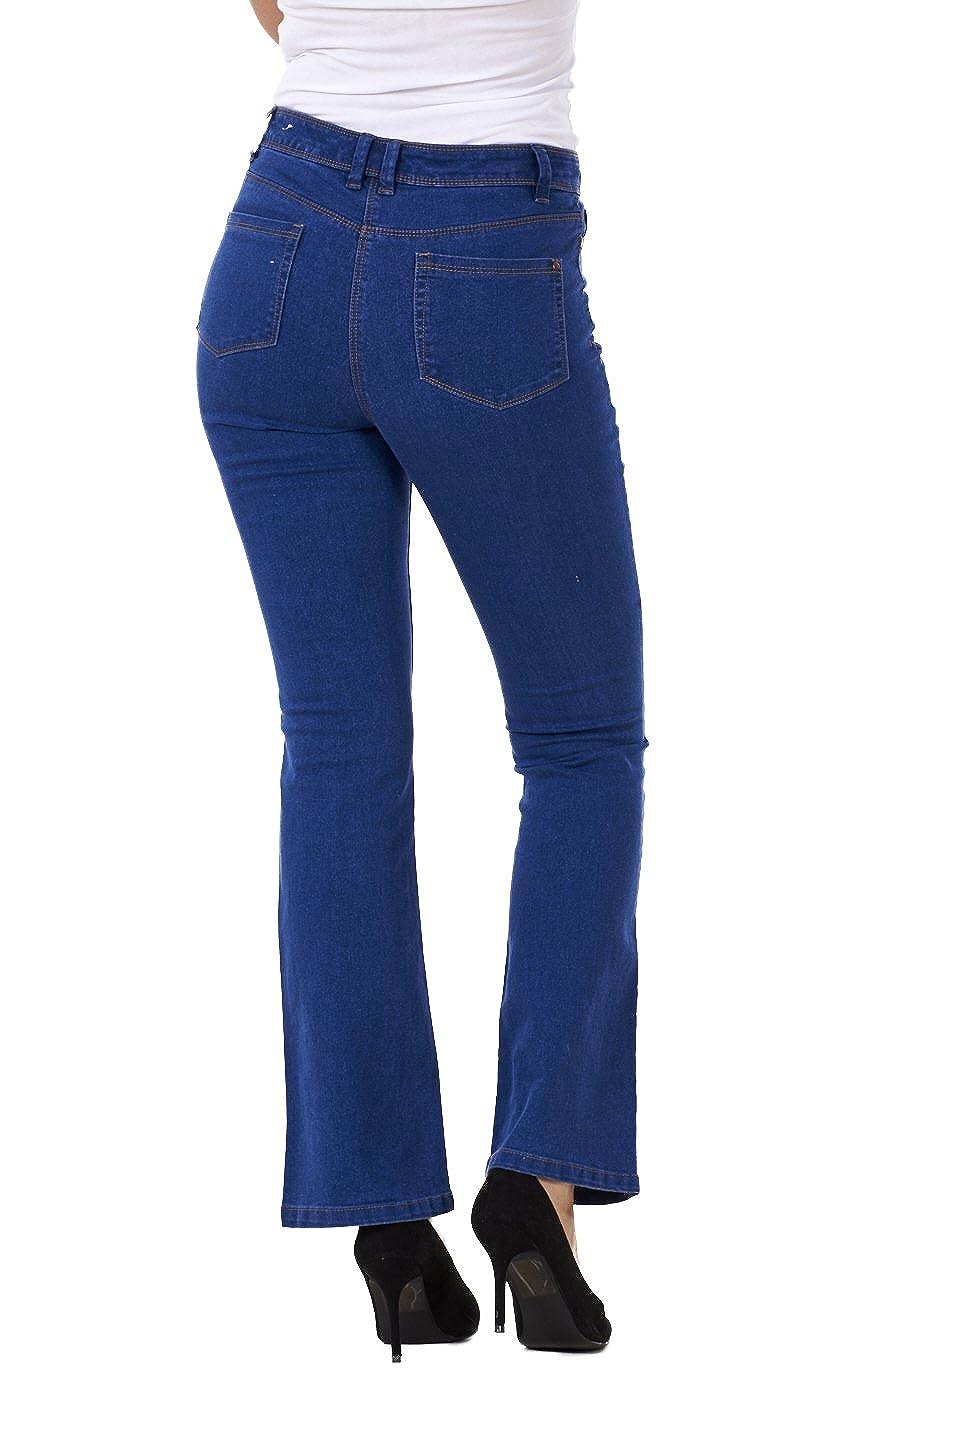 Pantalones vaqueros para mujer - Bajo de campana - Azul - EU ...